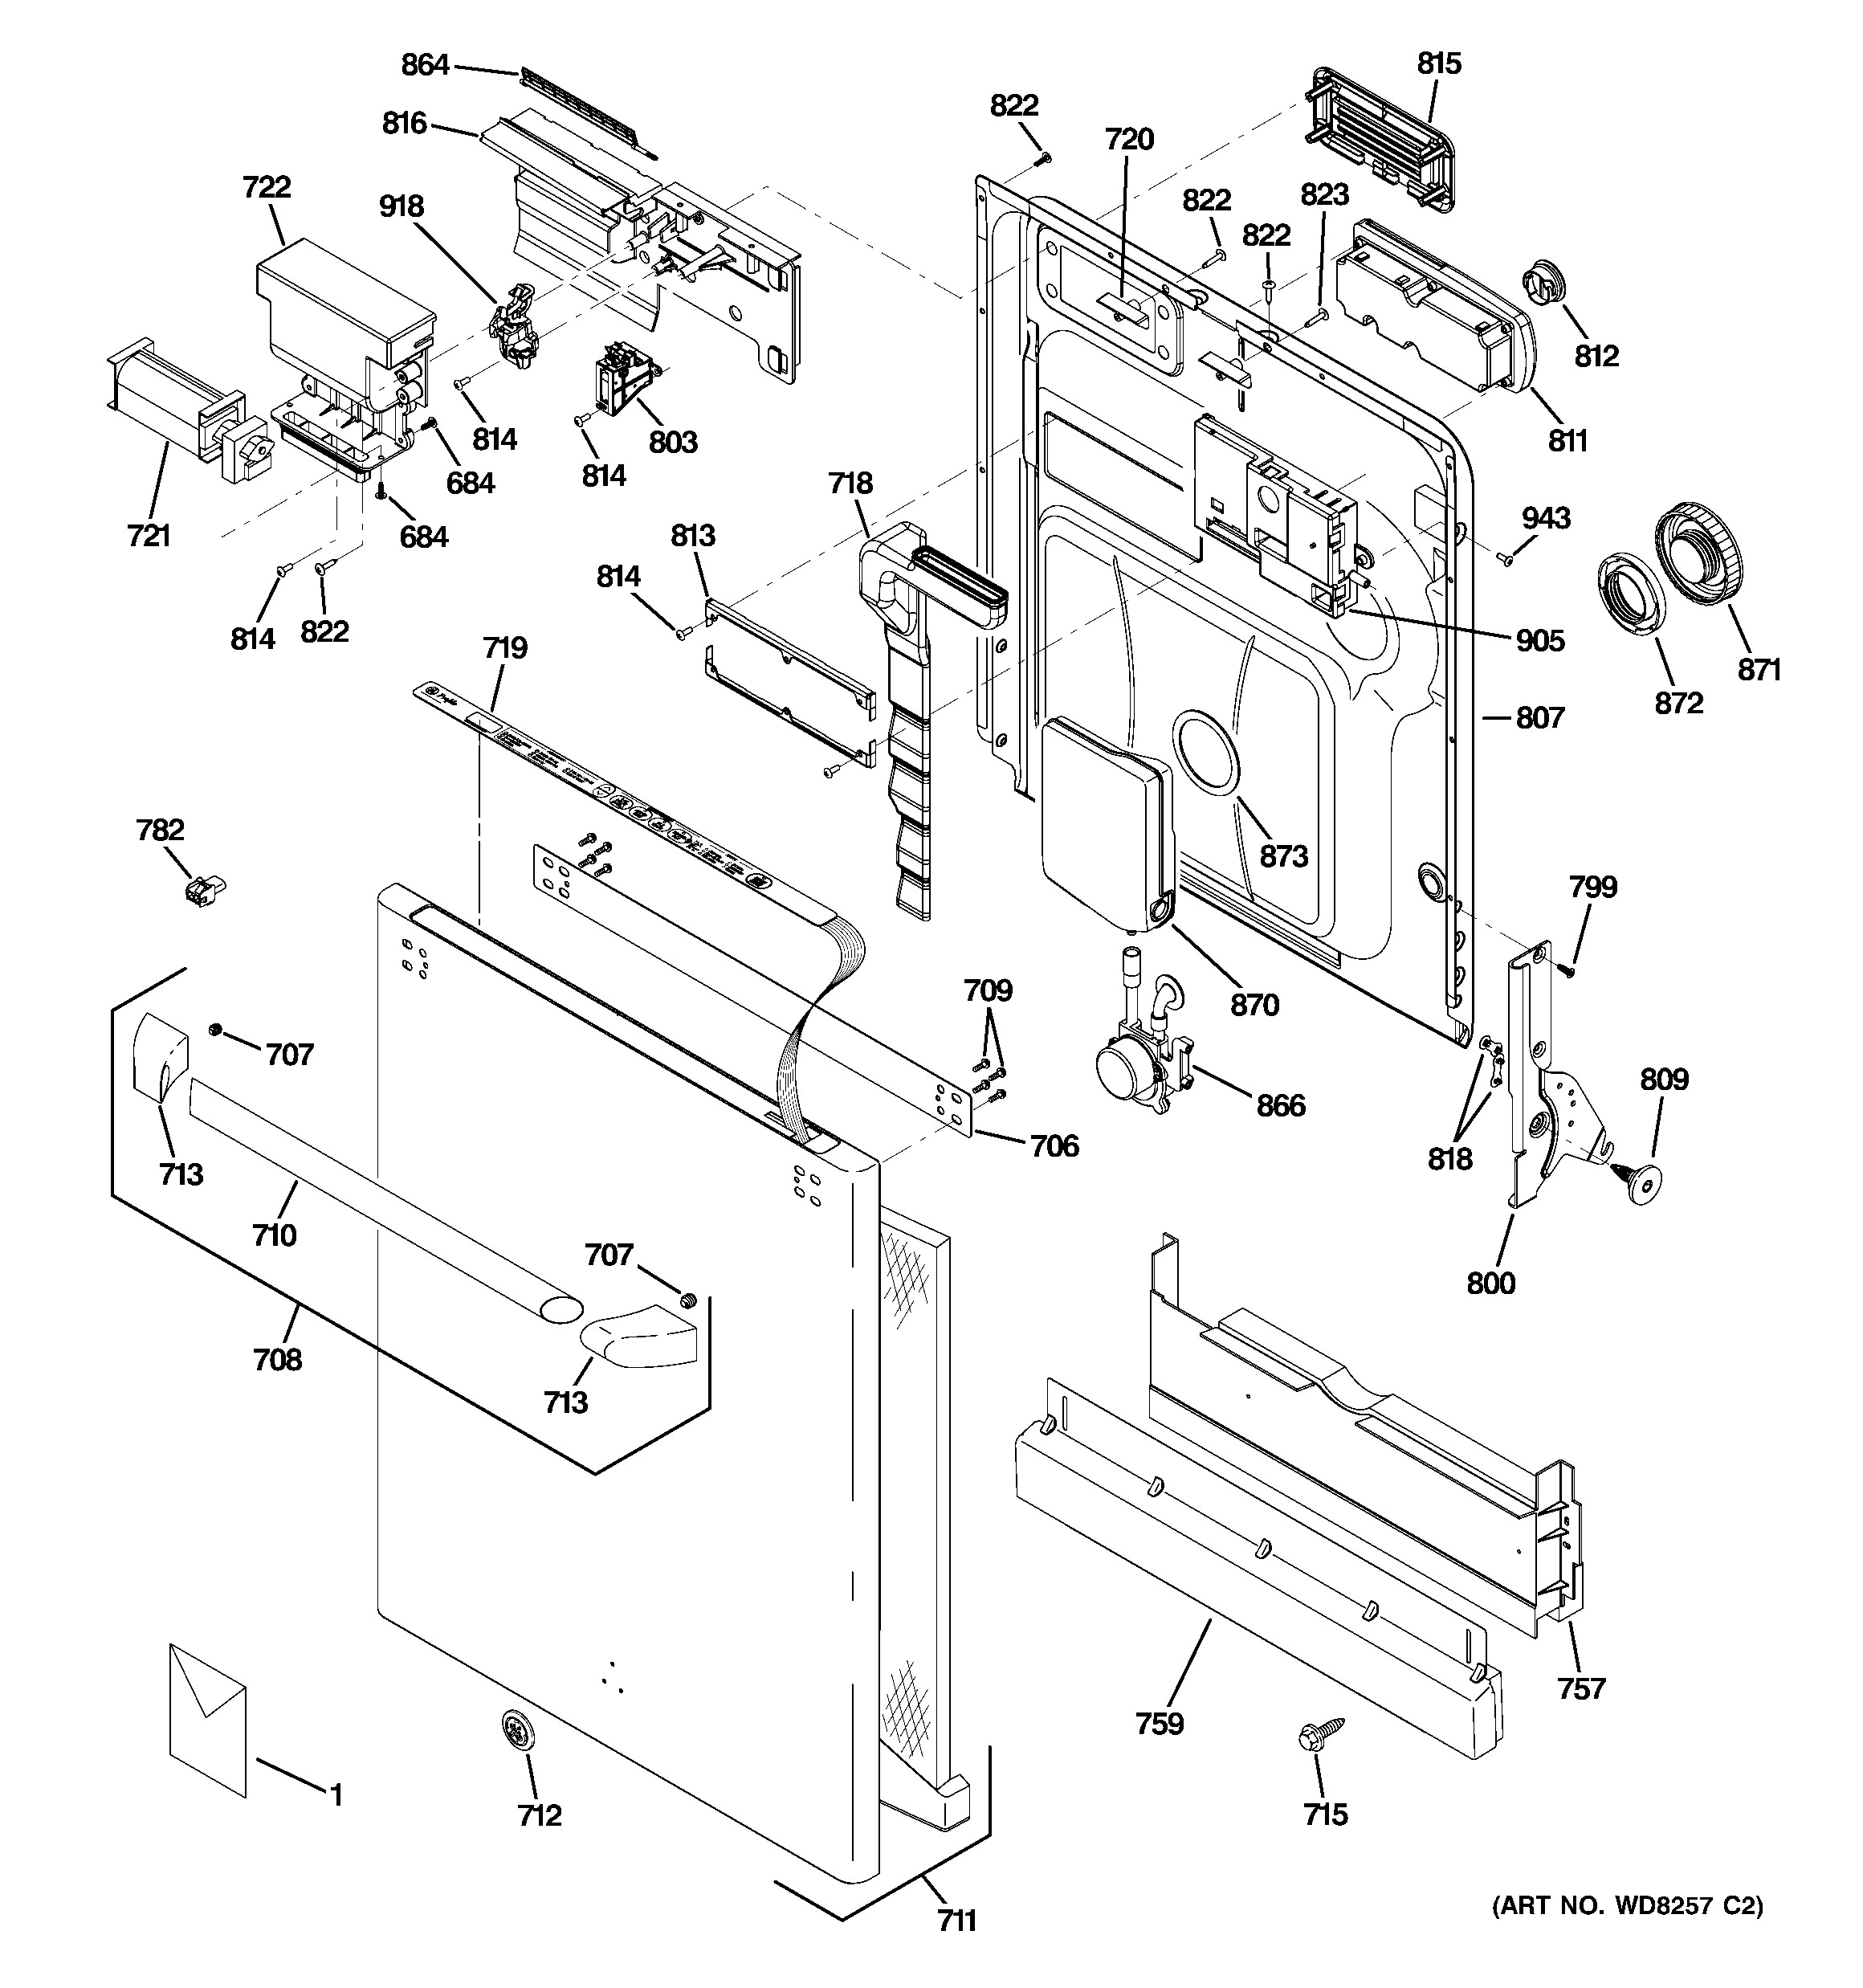 Ge Microwave Parts Diagram Ge Model Cdw9380n00ss Dishwasher Genuine Parts Of Ge Microwave Parts Diagram